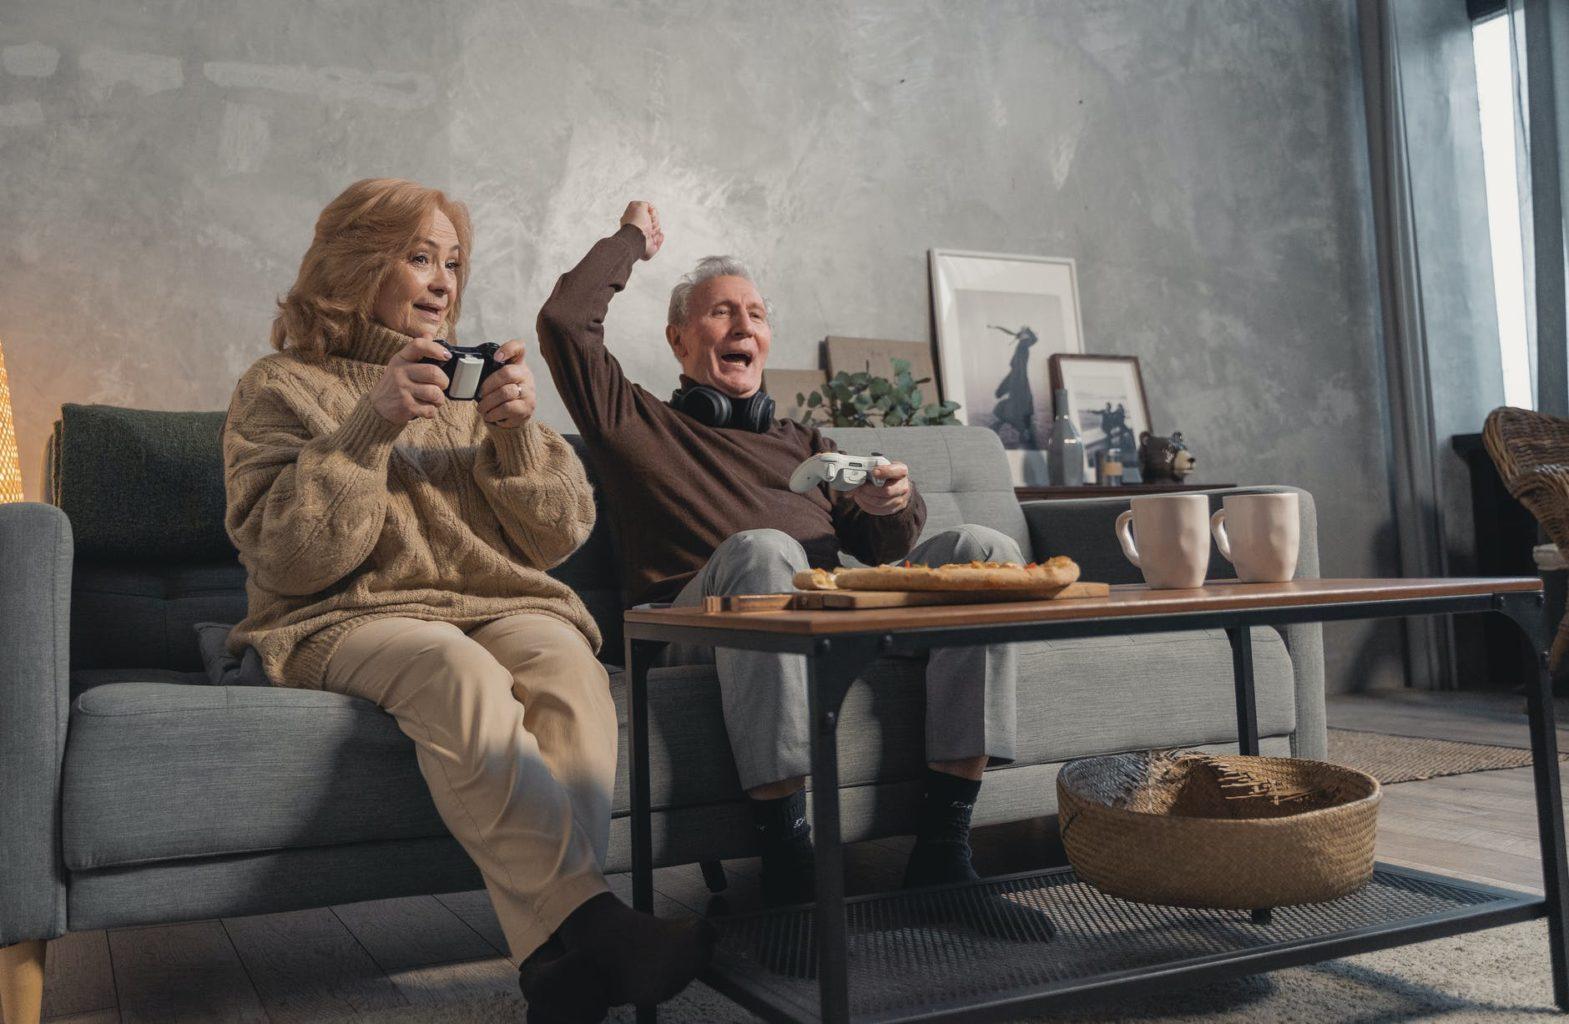 Кому деньги не нужны? ЕНПФ разыскивает пенсионеров, «забывших» о своих счетах